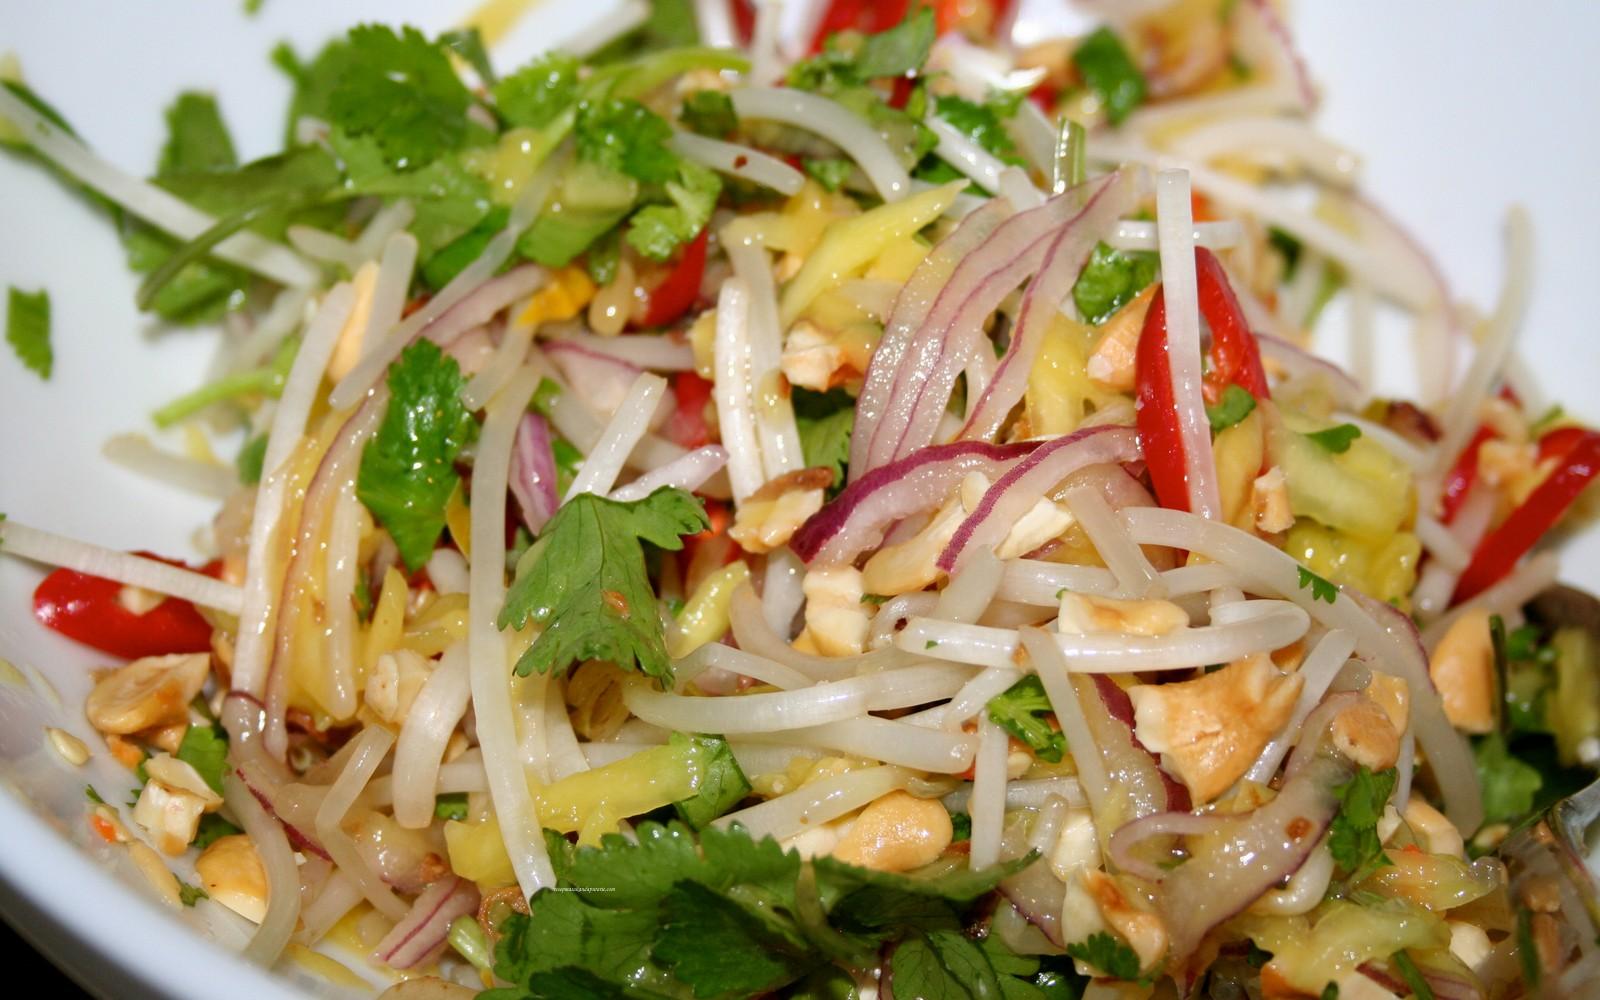 Resep Cara Bikin Salad Mangga - Resep Masakan Dapur Arie